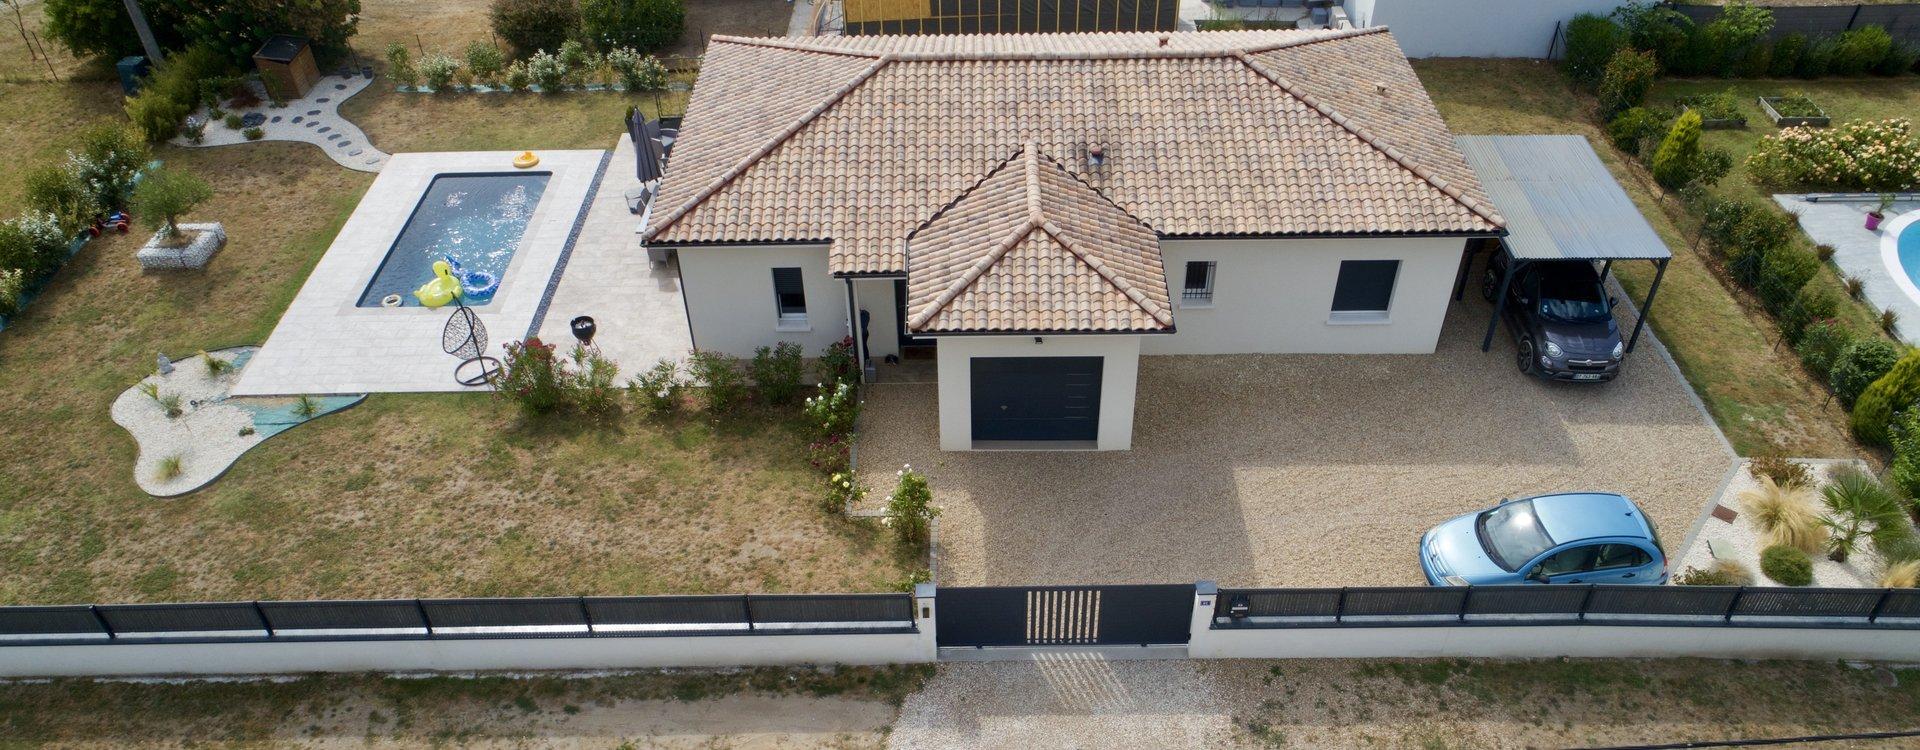 Maison moderne  de 2016 de 94m² avec piscine